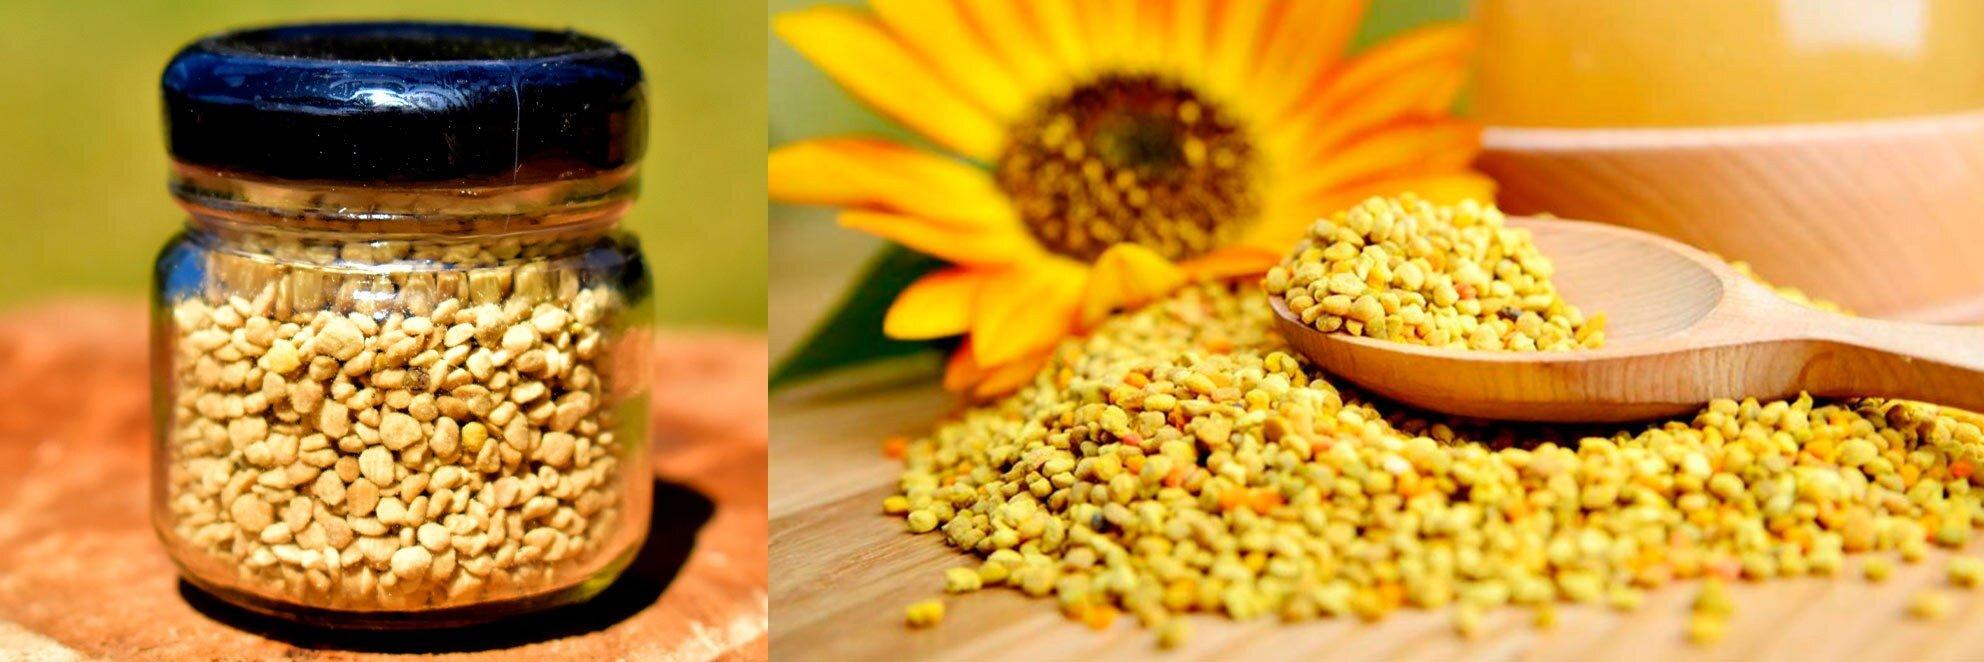 polen-apicola-desidratado-20g-mel